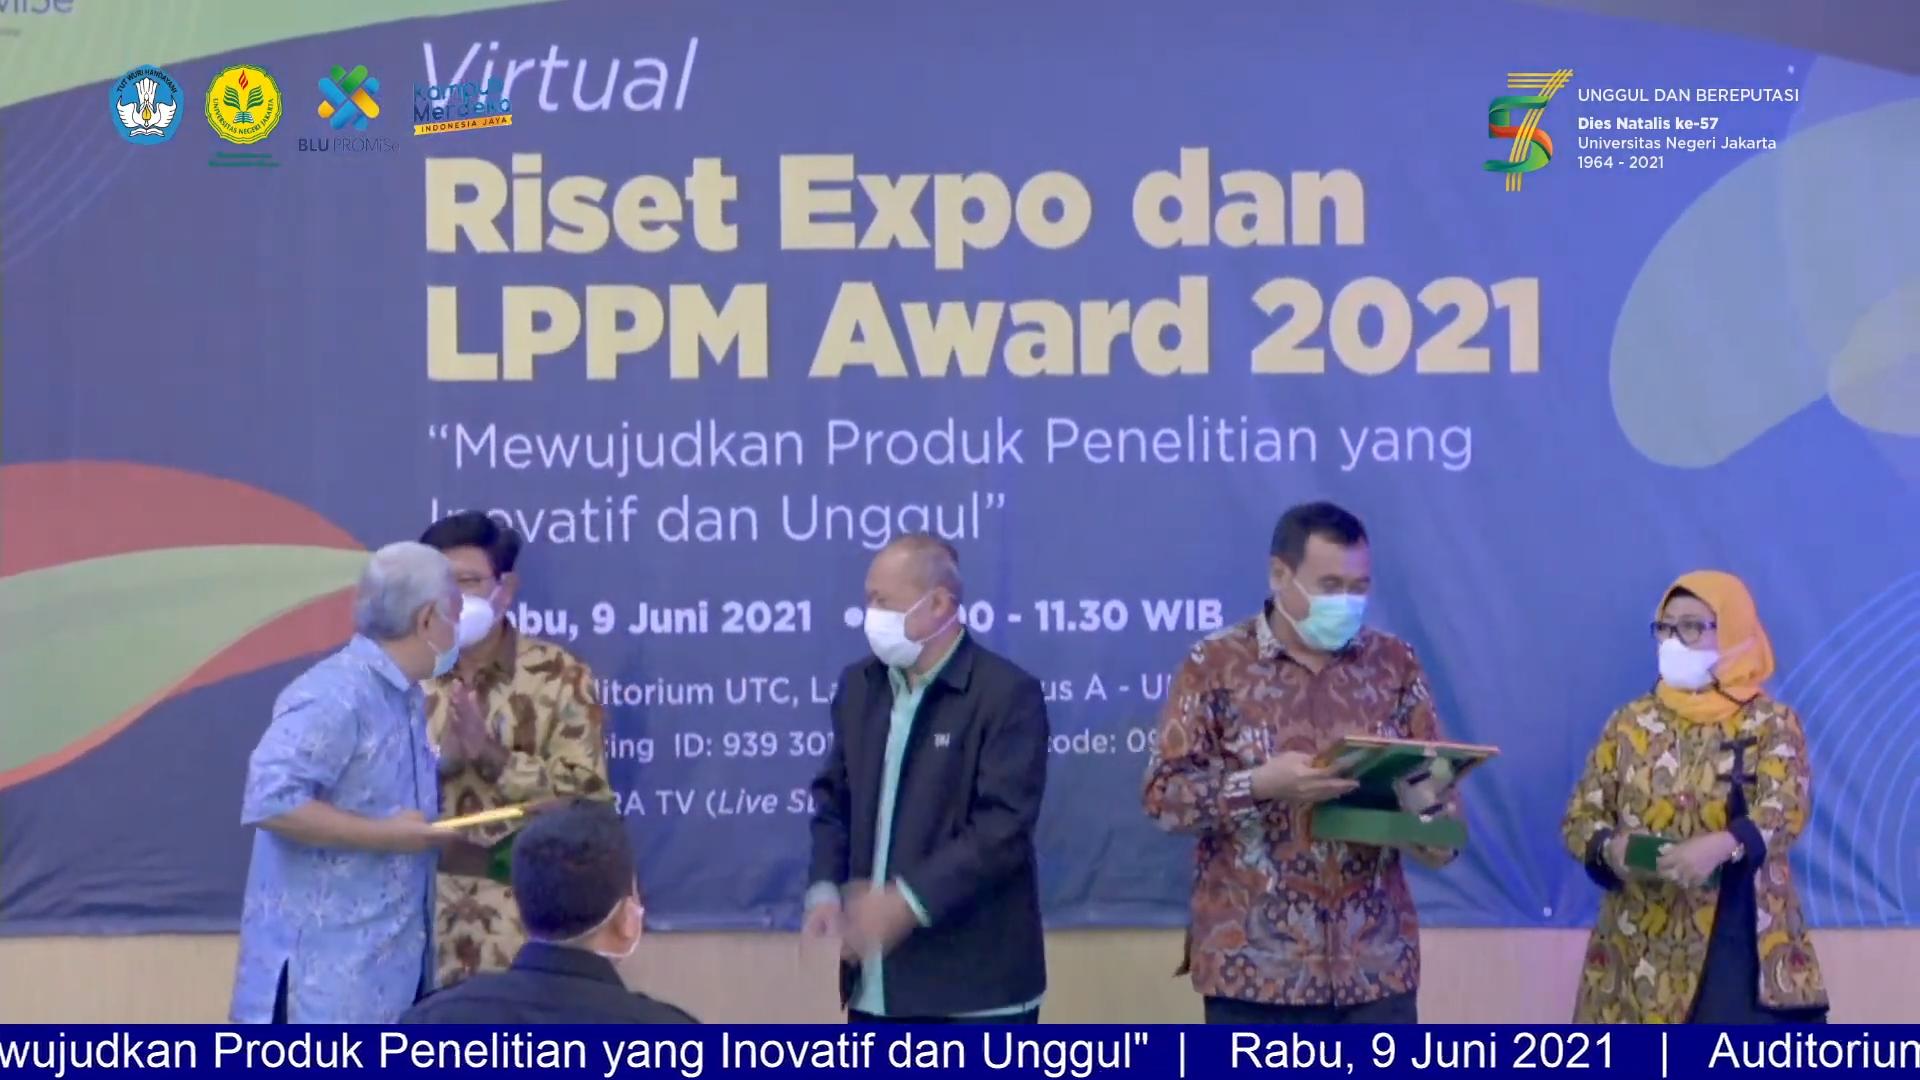 (Bahasa) Daftar pemenang LPPM Award 2021, Pesan Prof. Ucu: penelitian tidak berhenti dalam bentuk Jurnal tetapi betul dimanfaatkan untuk bangsa maupun negara